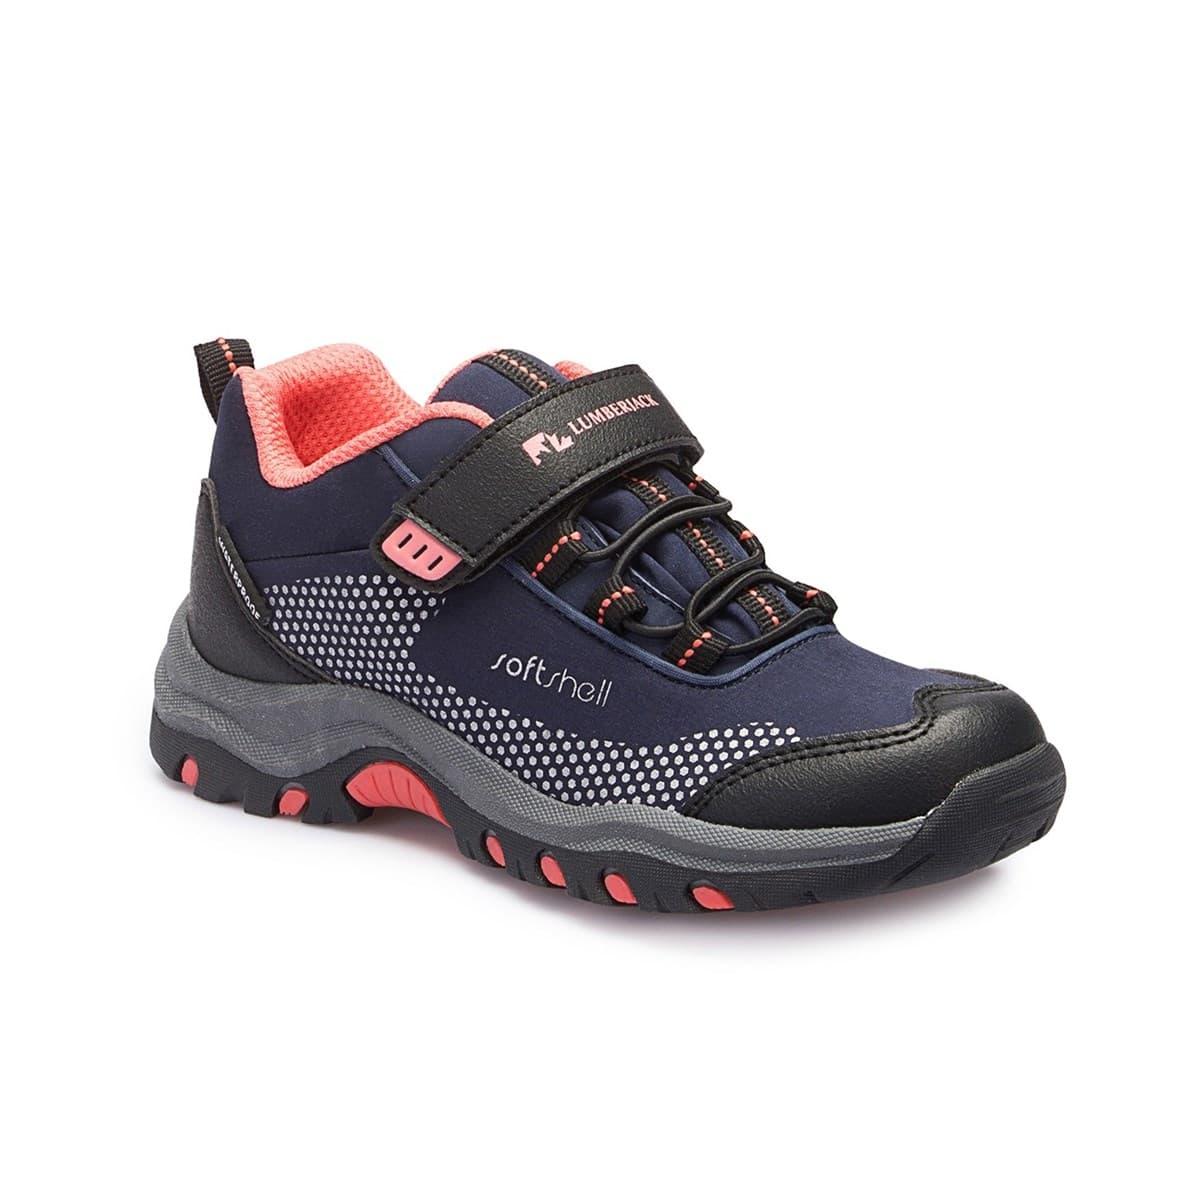 6W Fuller Uc Lacivert Erkek Çocuk Ayakkabısı